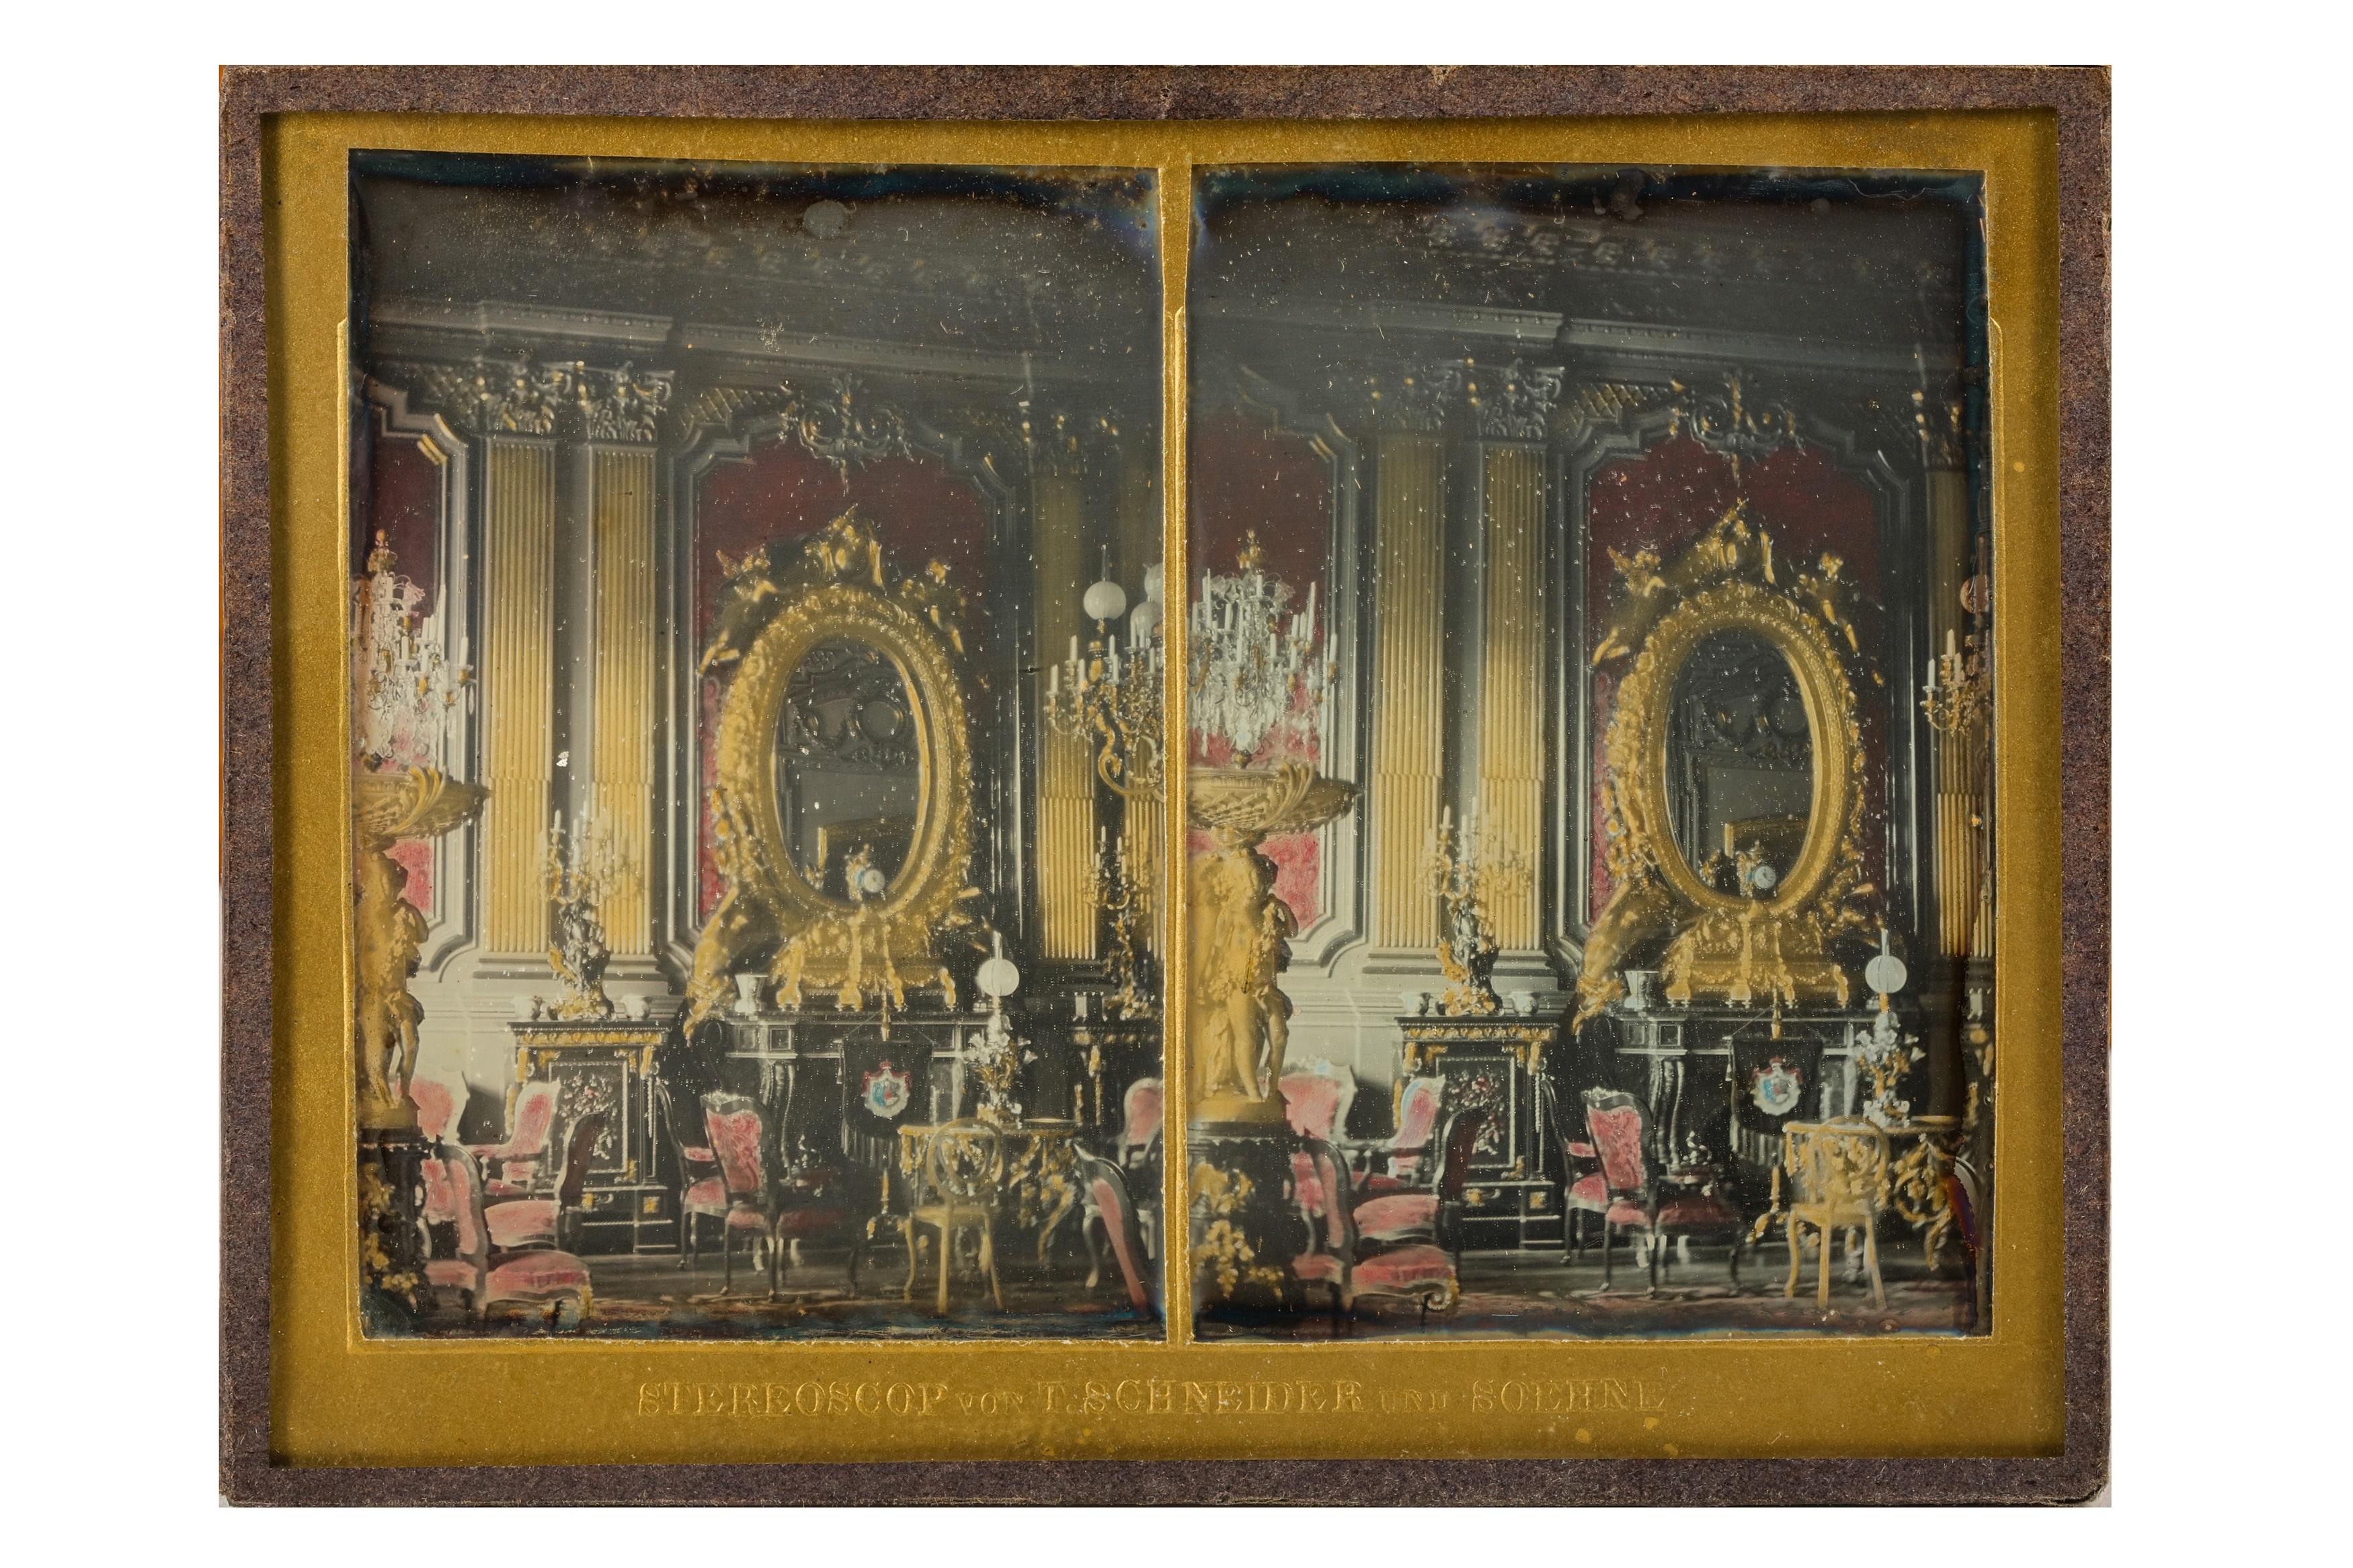 T. SCHNEIDER & SONS (1847-1921) - Image 15 of 22